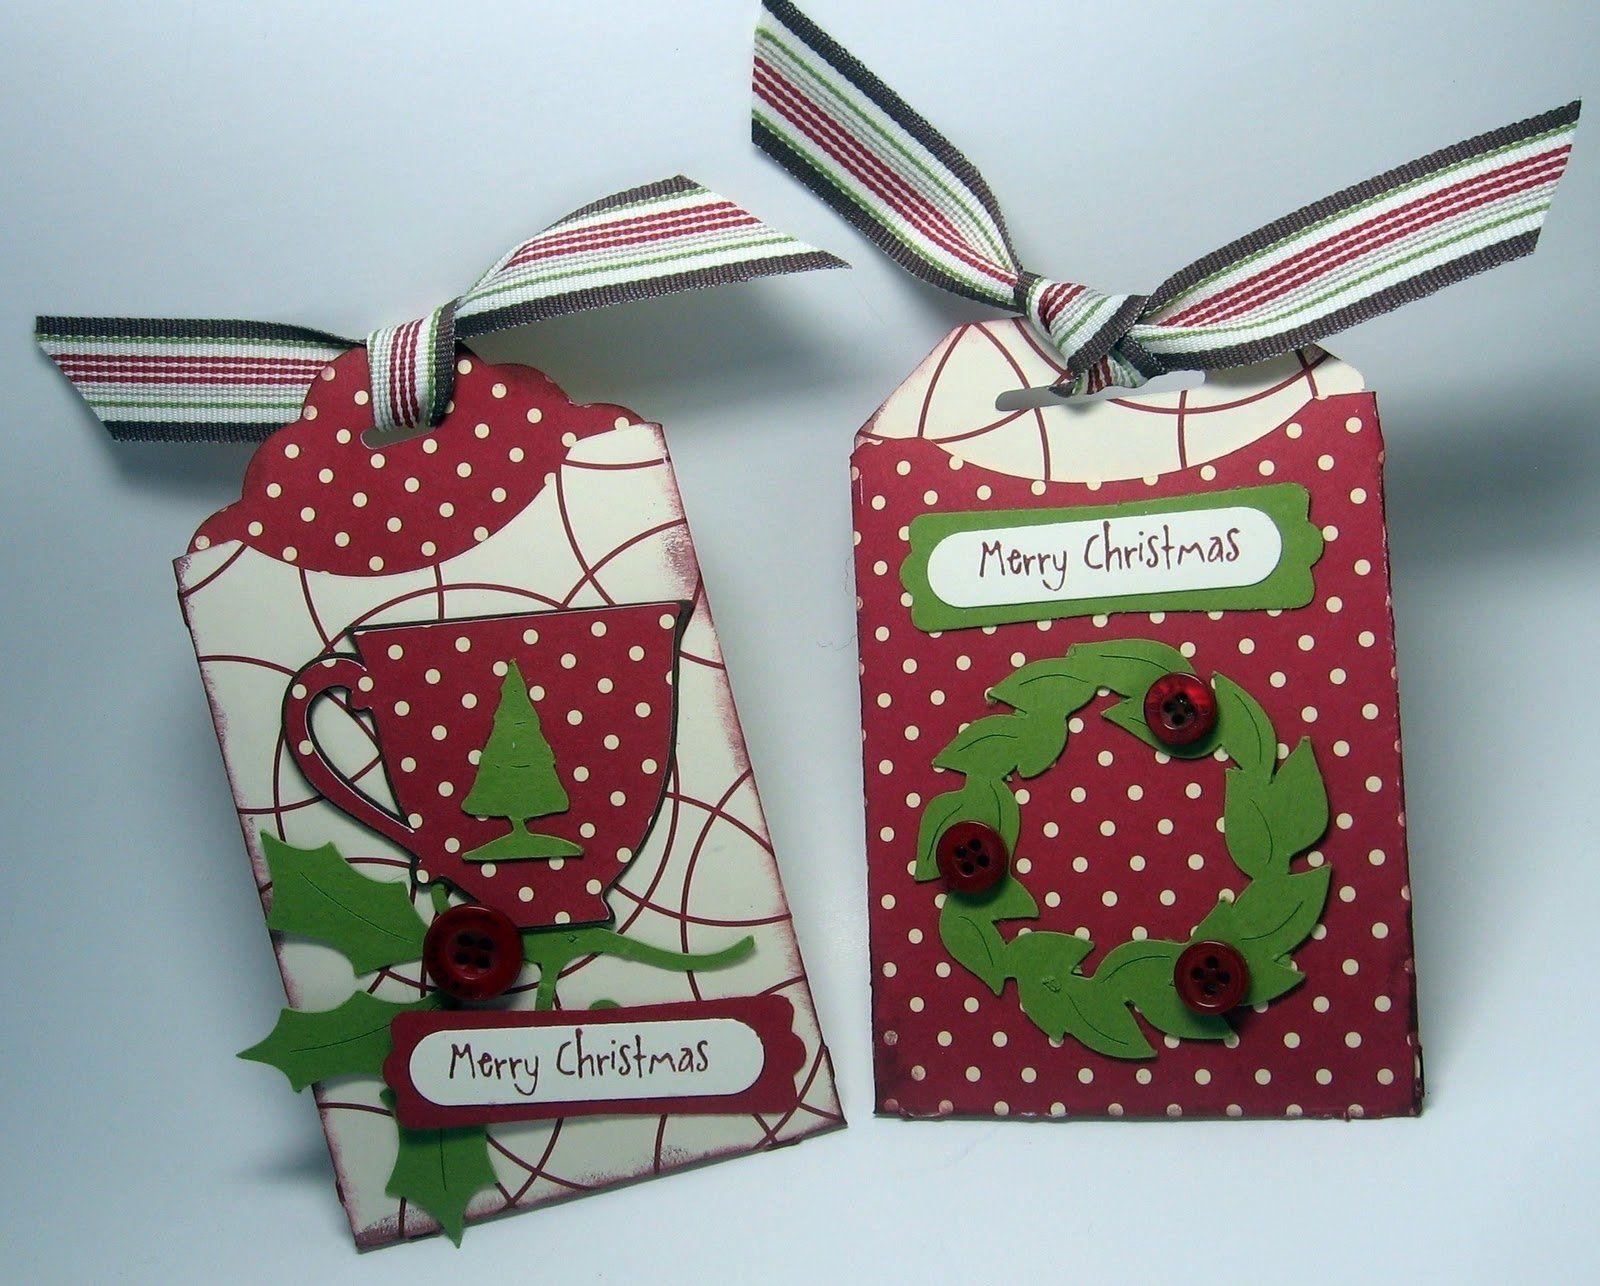 Christmas Gift Card Holder Ideas.10 Nice Christmas Gift Card Holder Ideas Stamping Up North